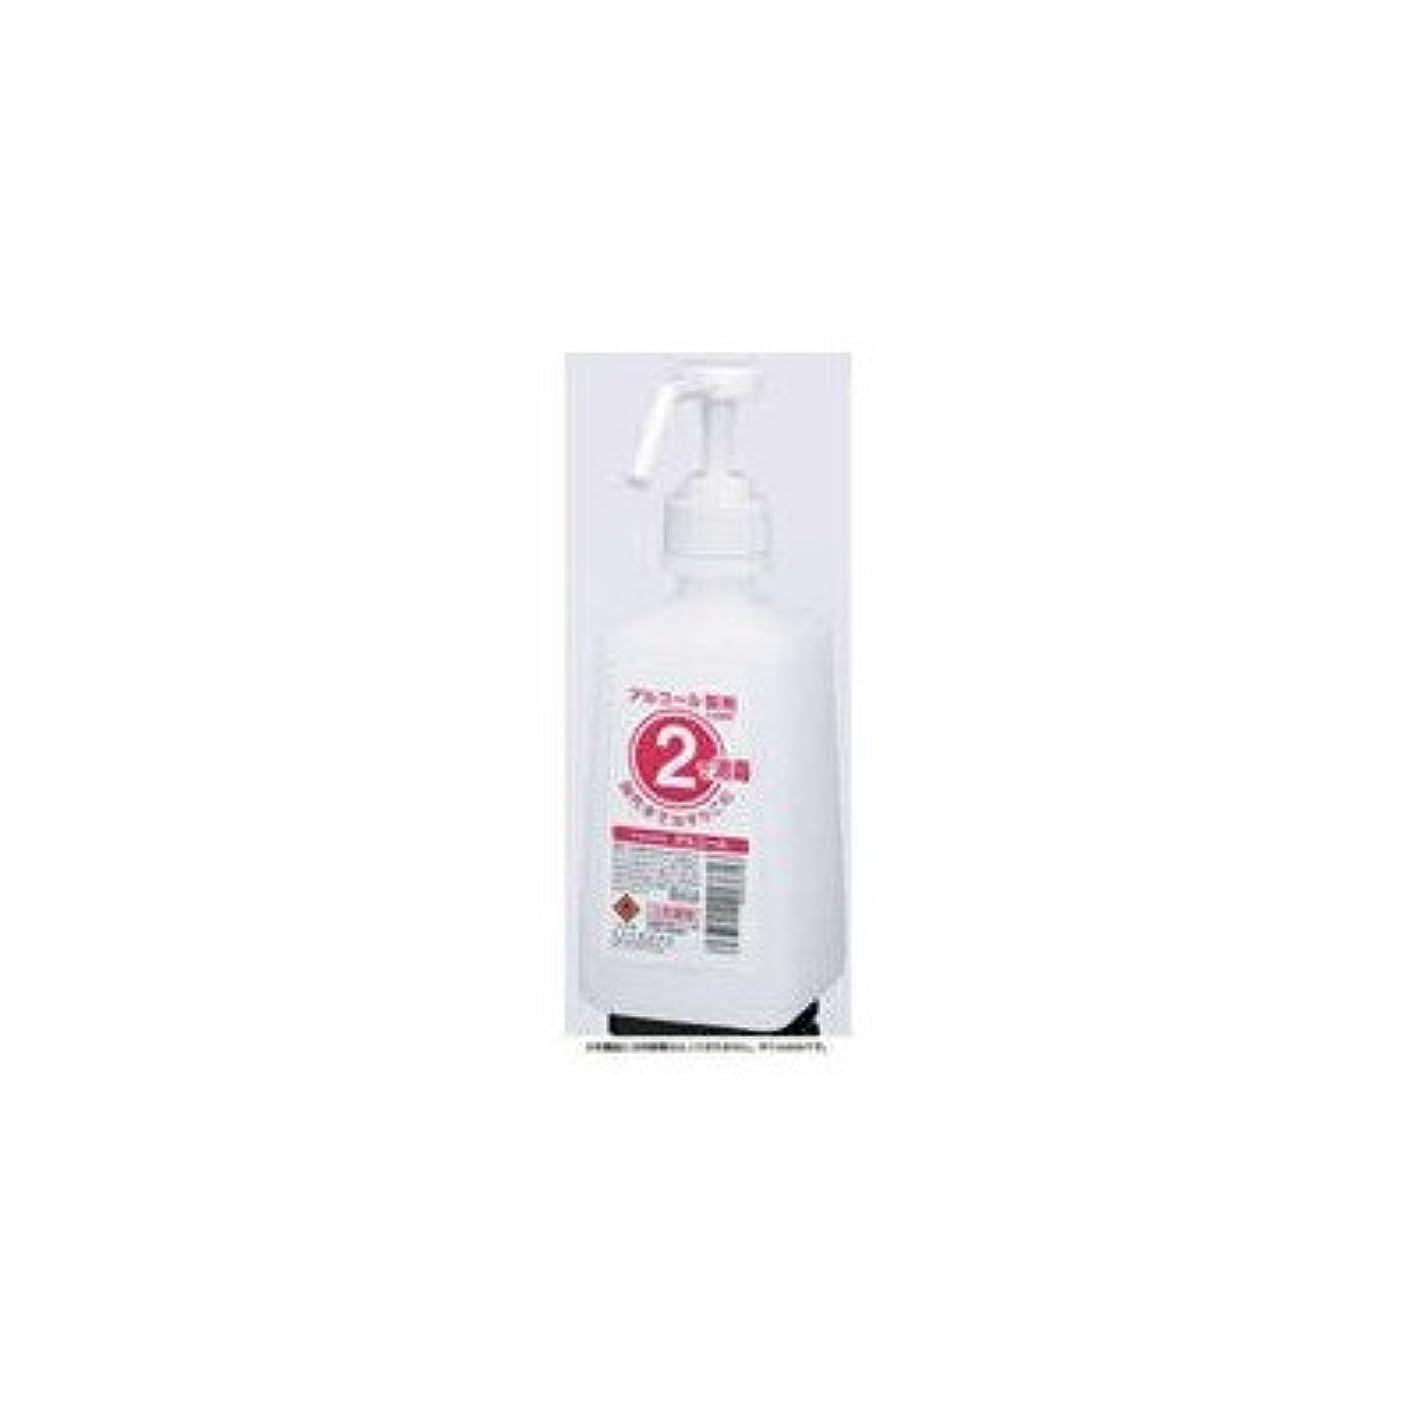 くるくる切手連邦アルコール消毒用2ボトル 1Lタイプ サラヤ 2ボトル 噴射ポンプ付 手指消毒剤用 薬液詰替容器 500ml×12本